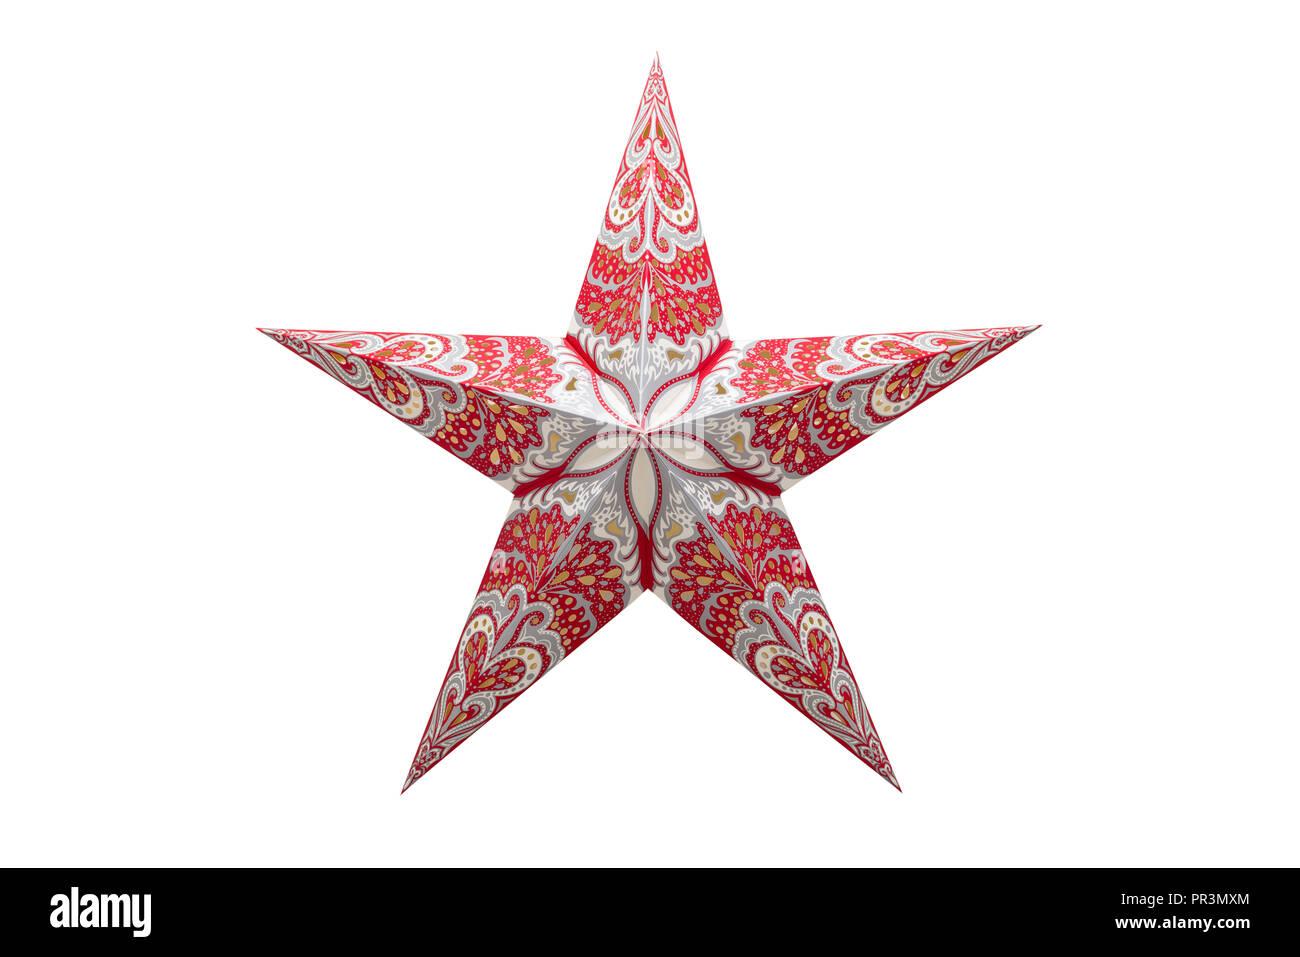 Stella Di Natale A 5 Punte.Decorazione Per Albero Di Natale Rosso Bianco Stella A Cinque Punte